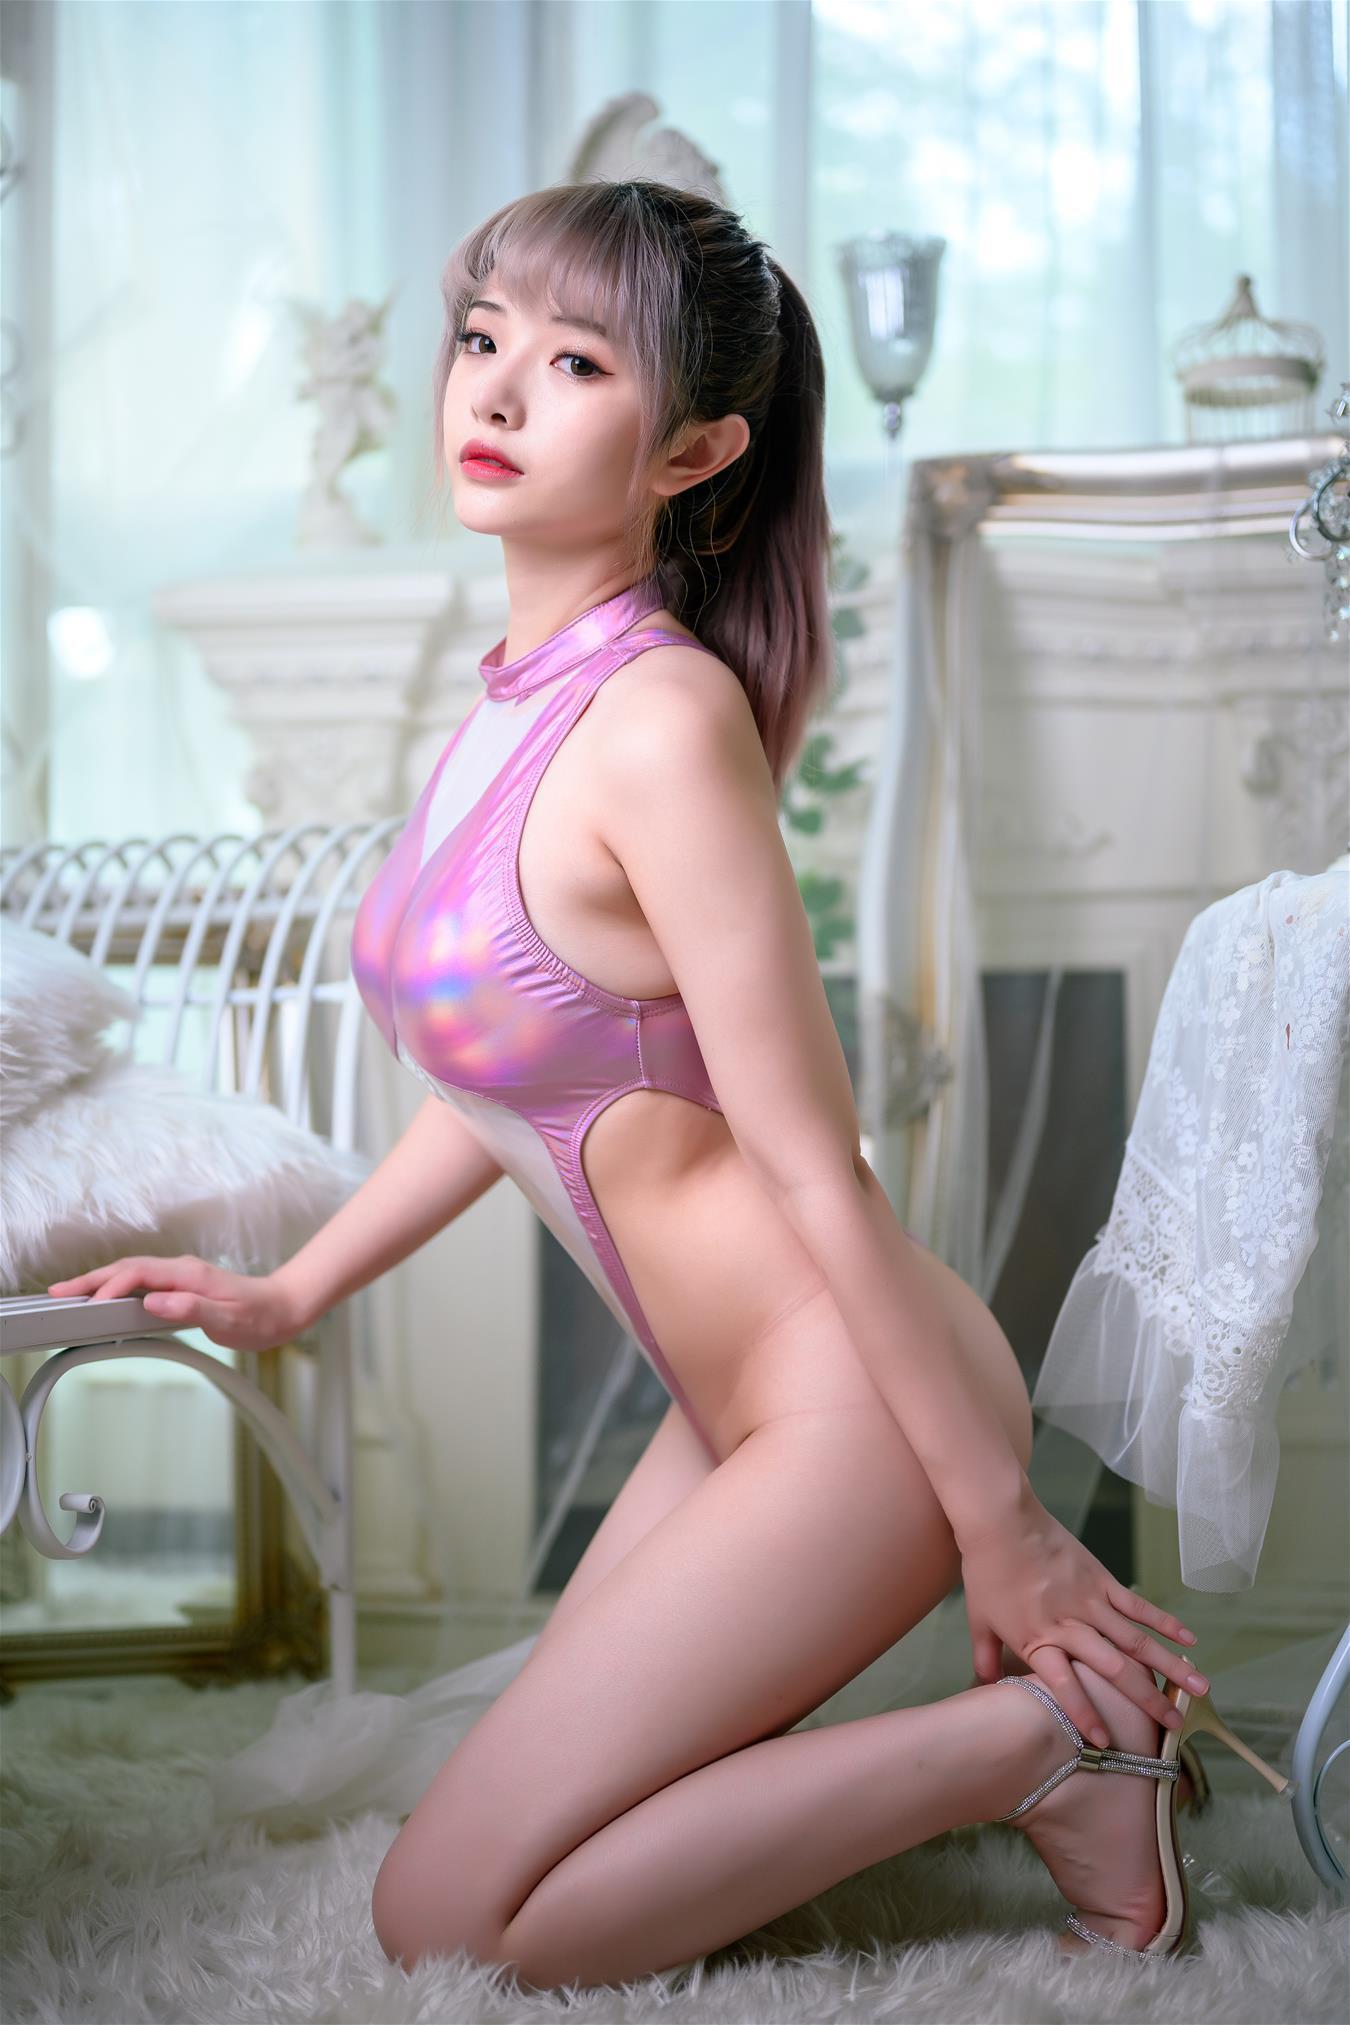 雯妹不讲道理 镭射粉色泳装 [44P-0.98GB] 网红少女-第2张